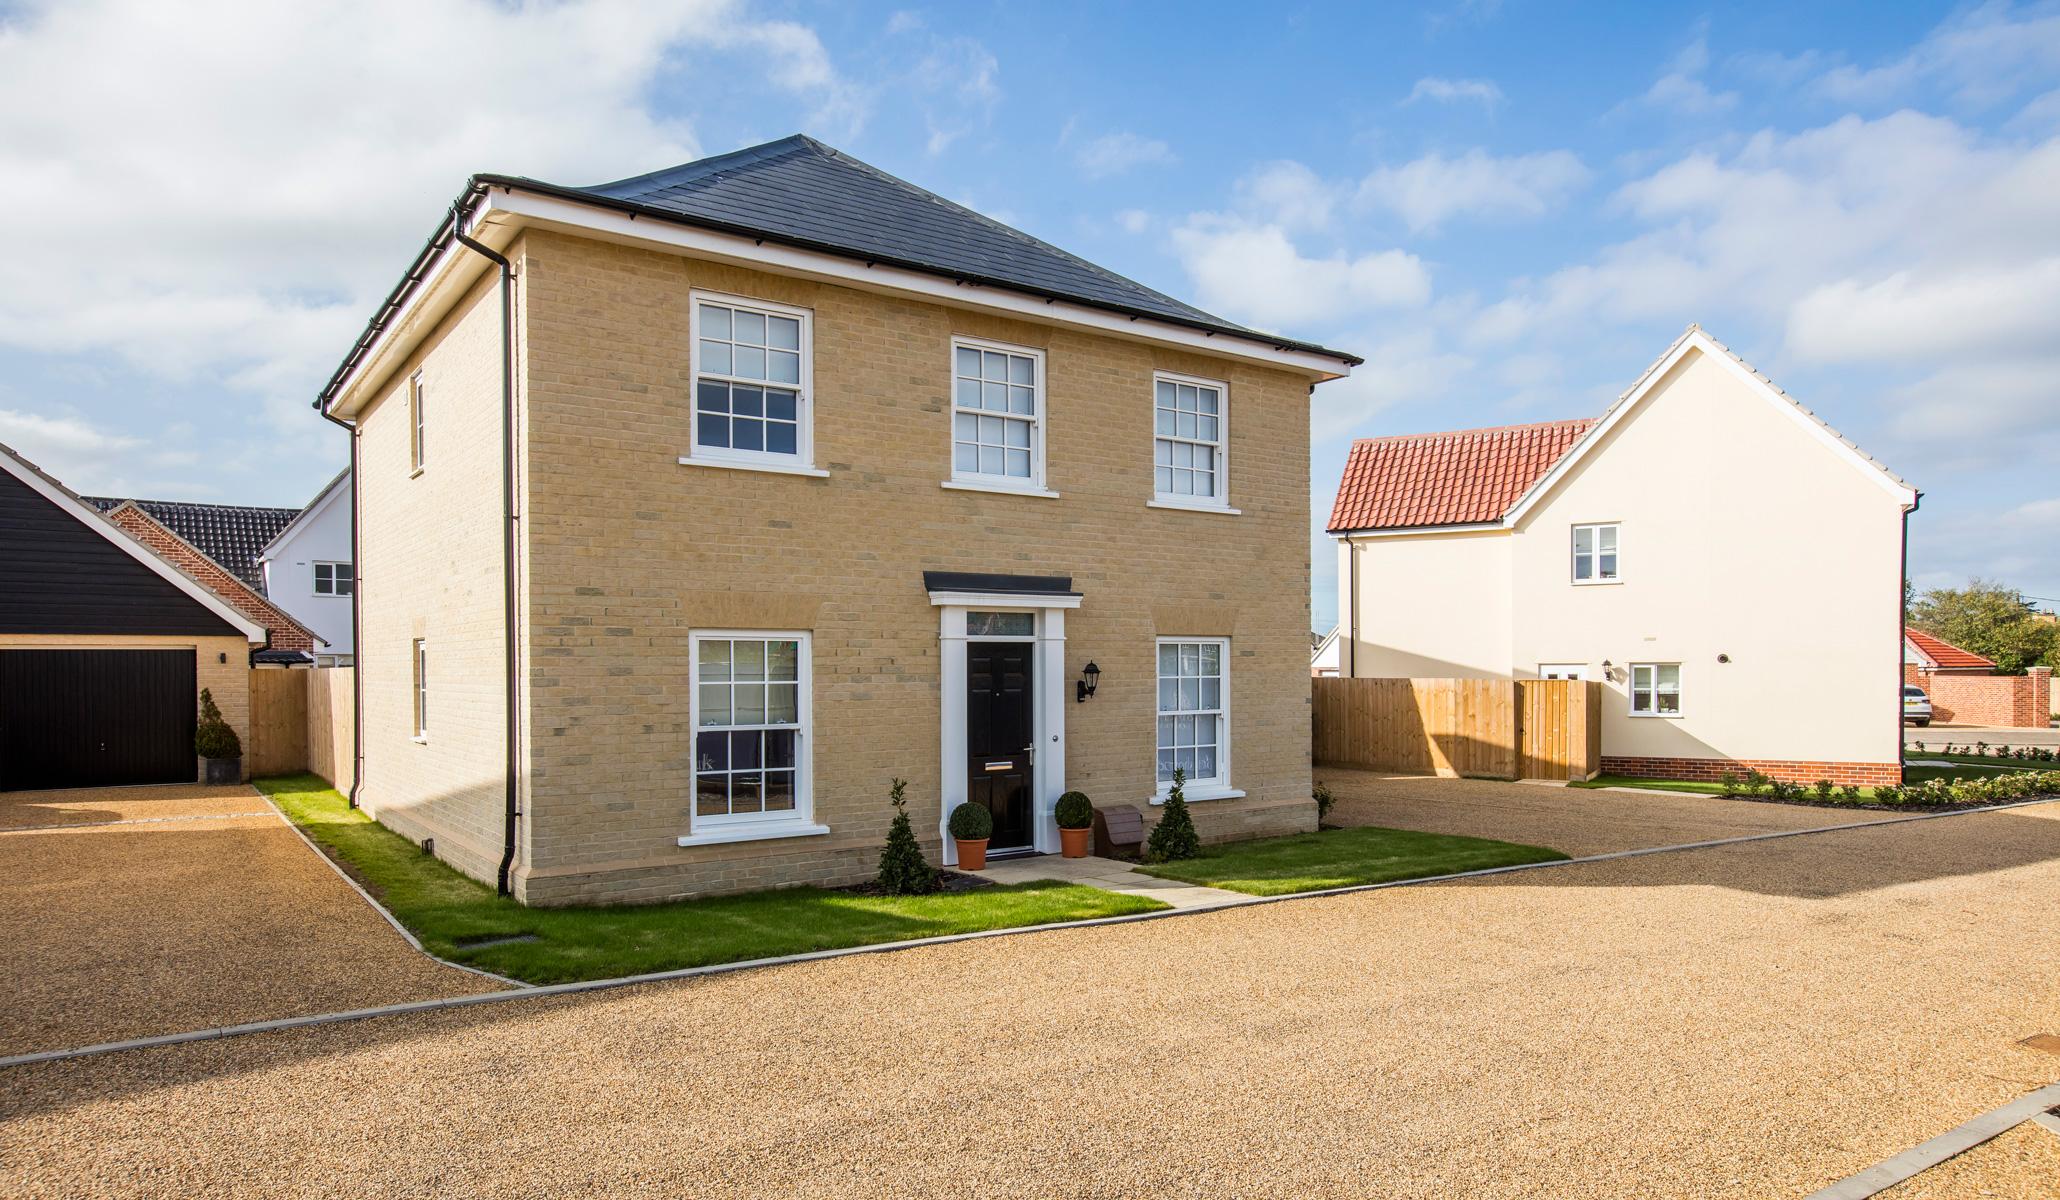 Birch Gate New Build Homes In Wymondham